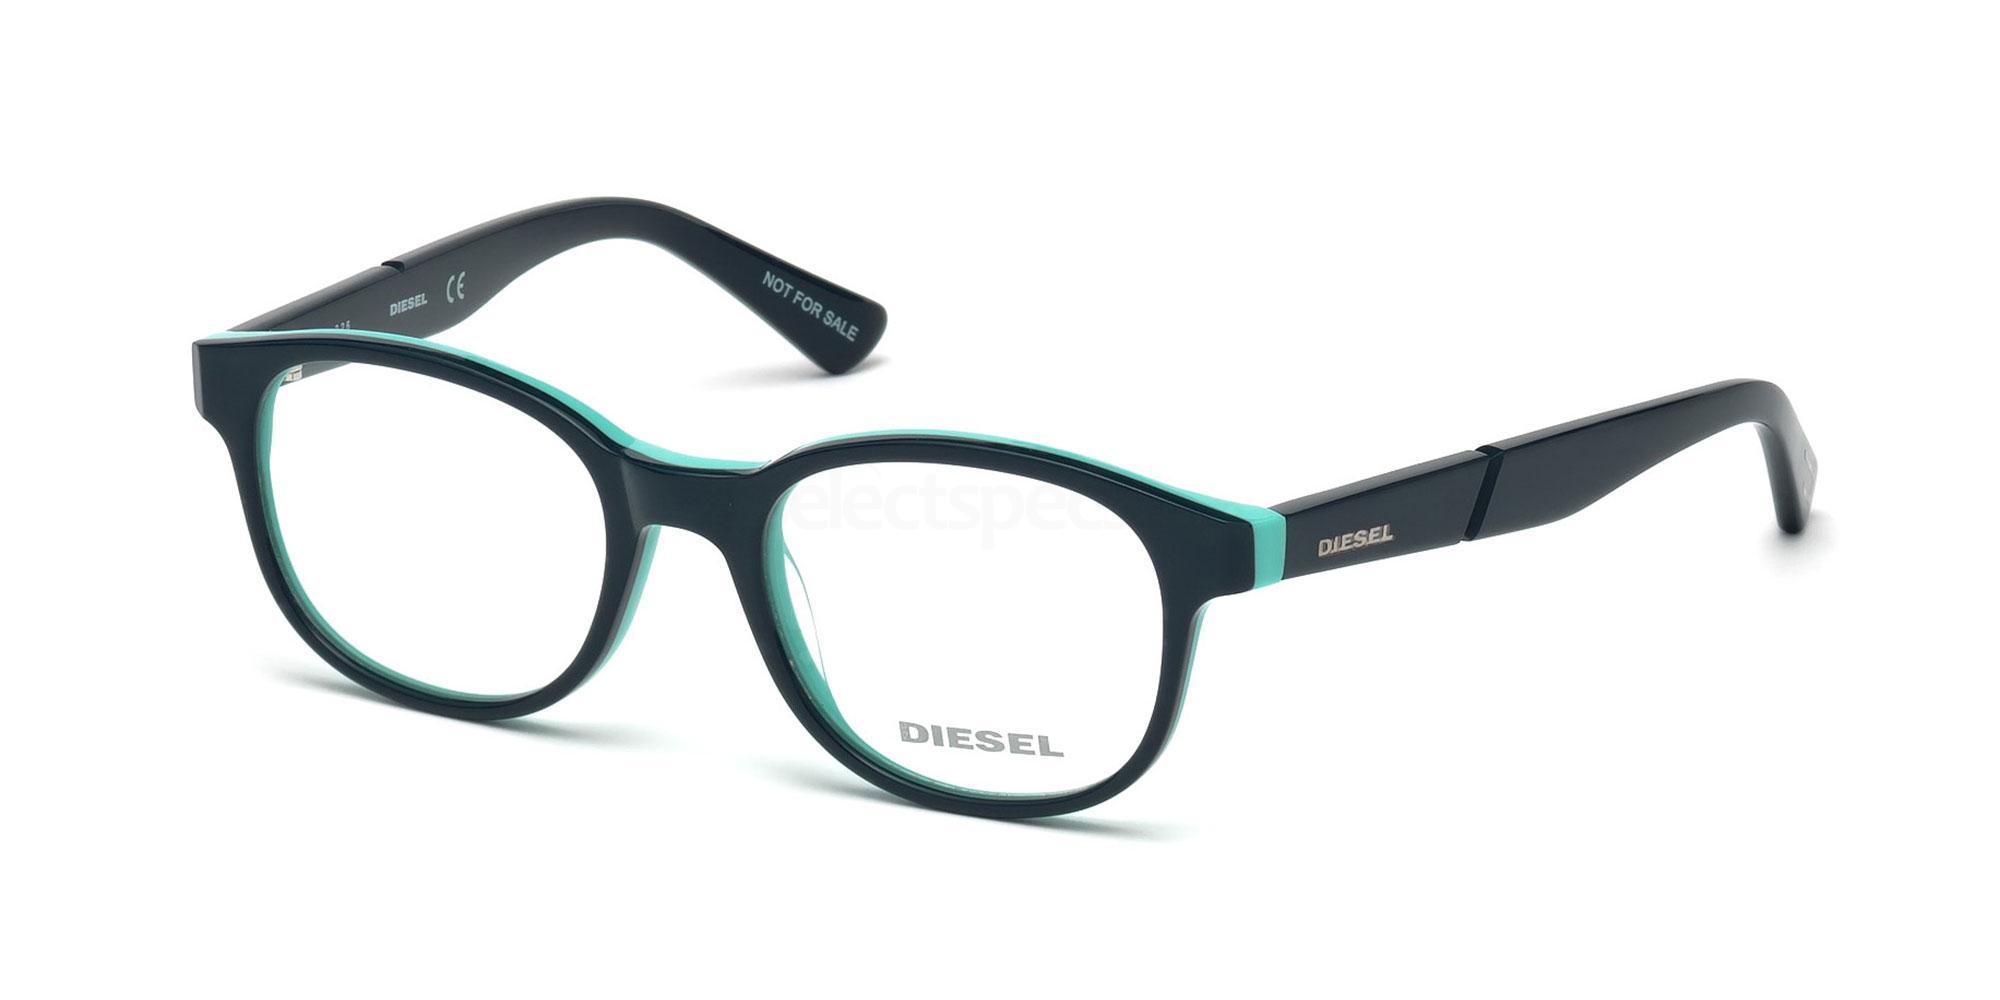 092 DL5243 Glasses, Diesel